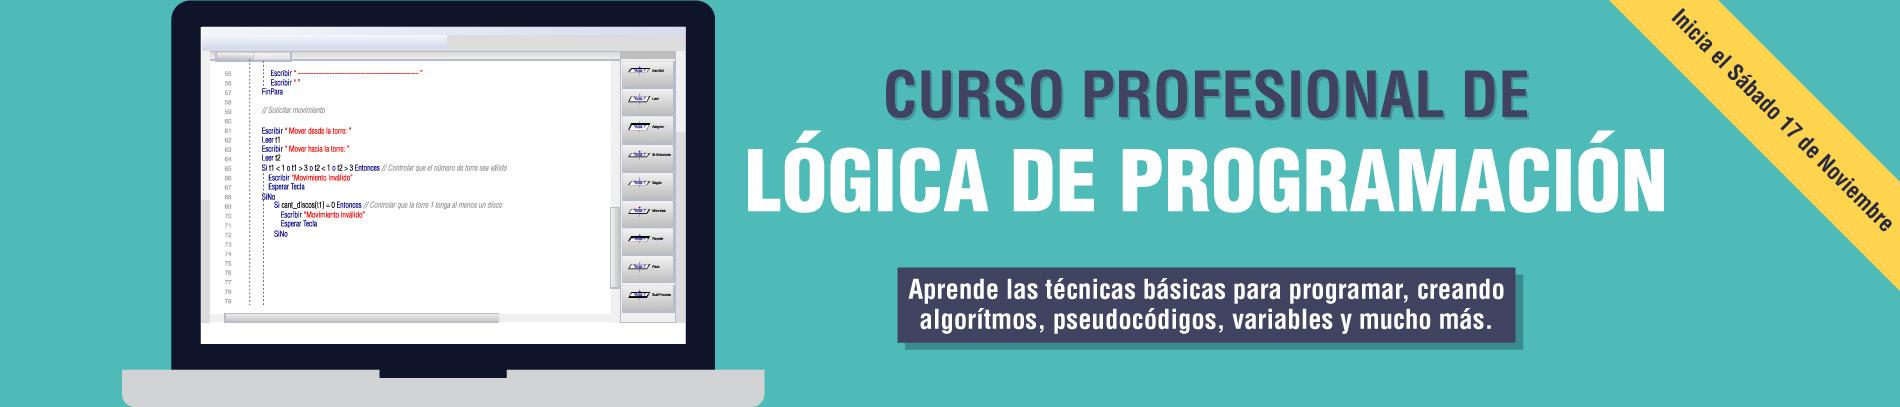 Curso Profesional de Lógica de Programación